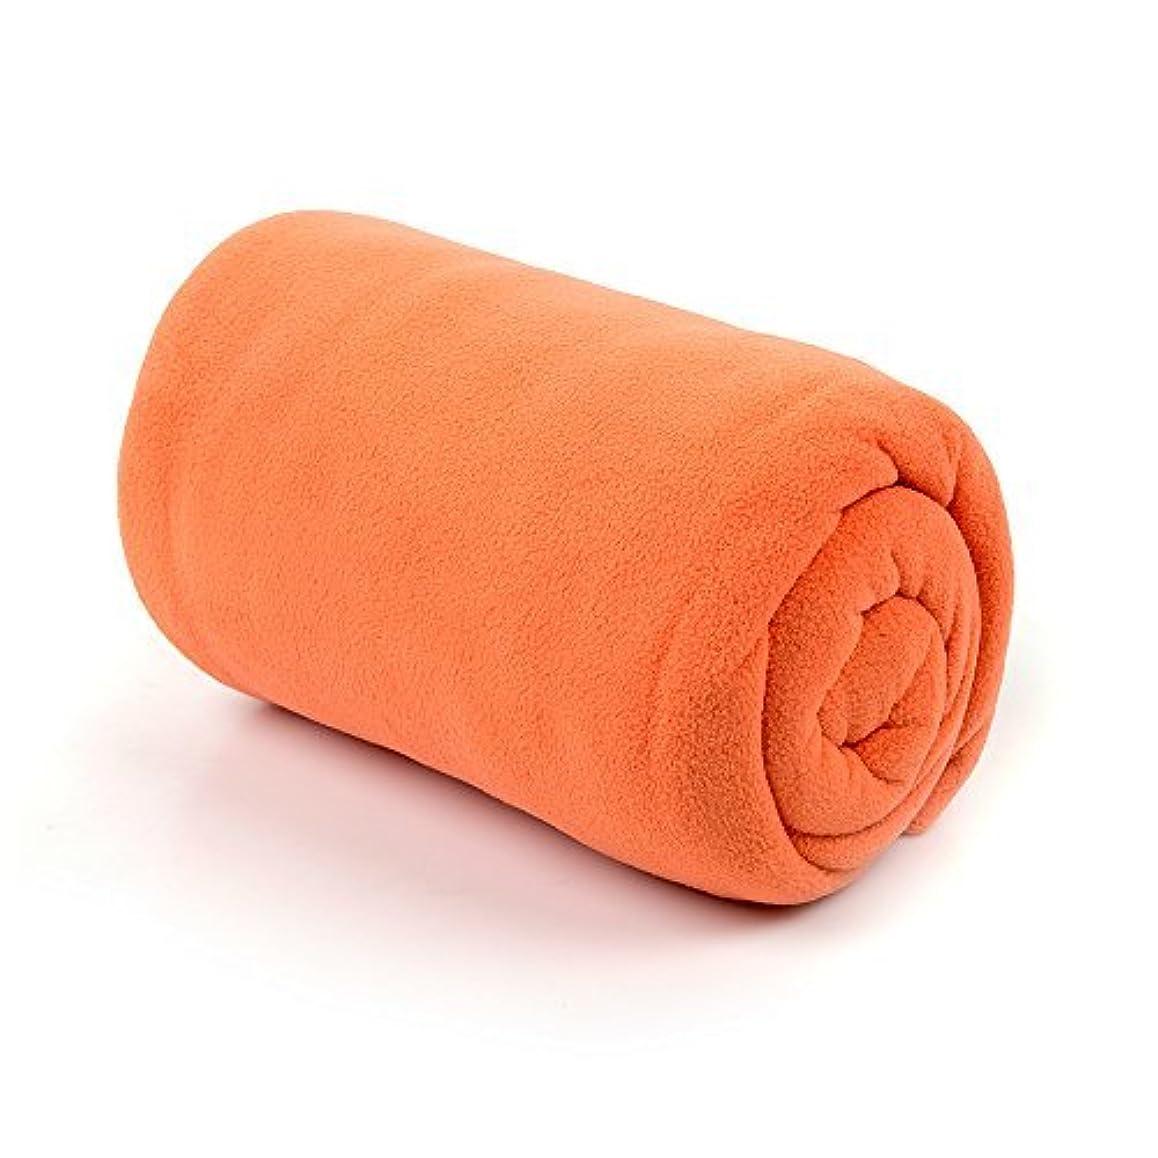 仲間アクセサリー会計ユーラー 寝袋 インナー フリース シュラフ ブランケット 封筒型 アウトドア 車中泊 防寒 (orange)